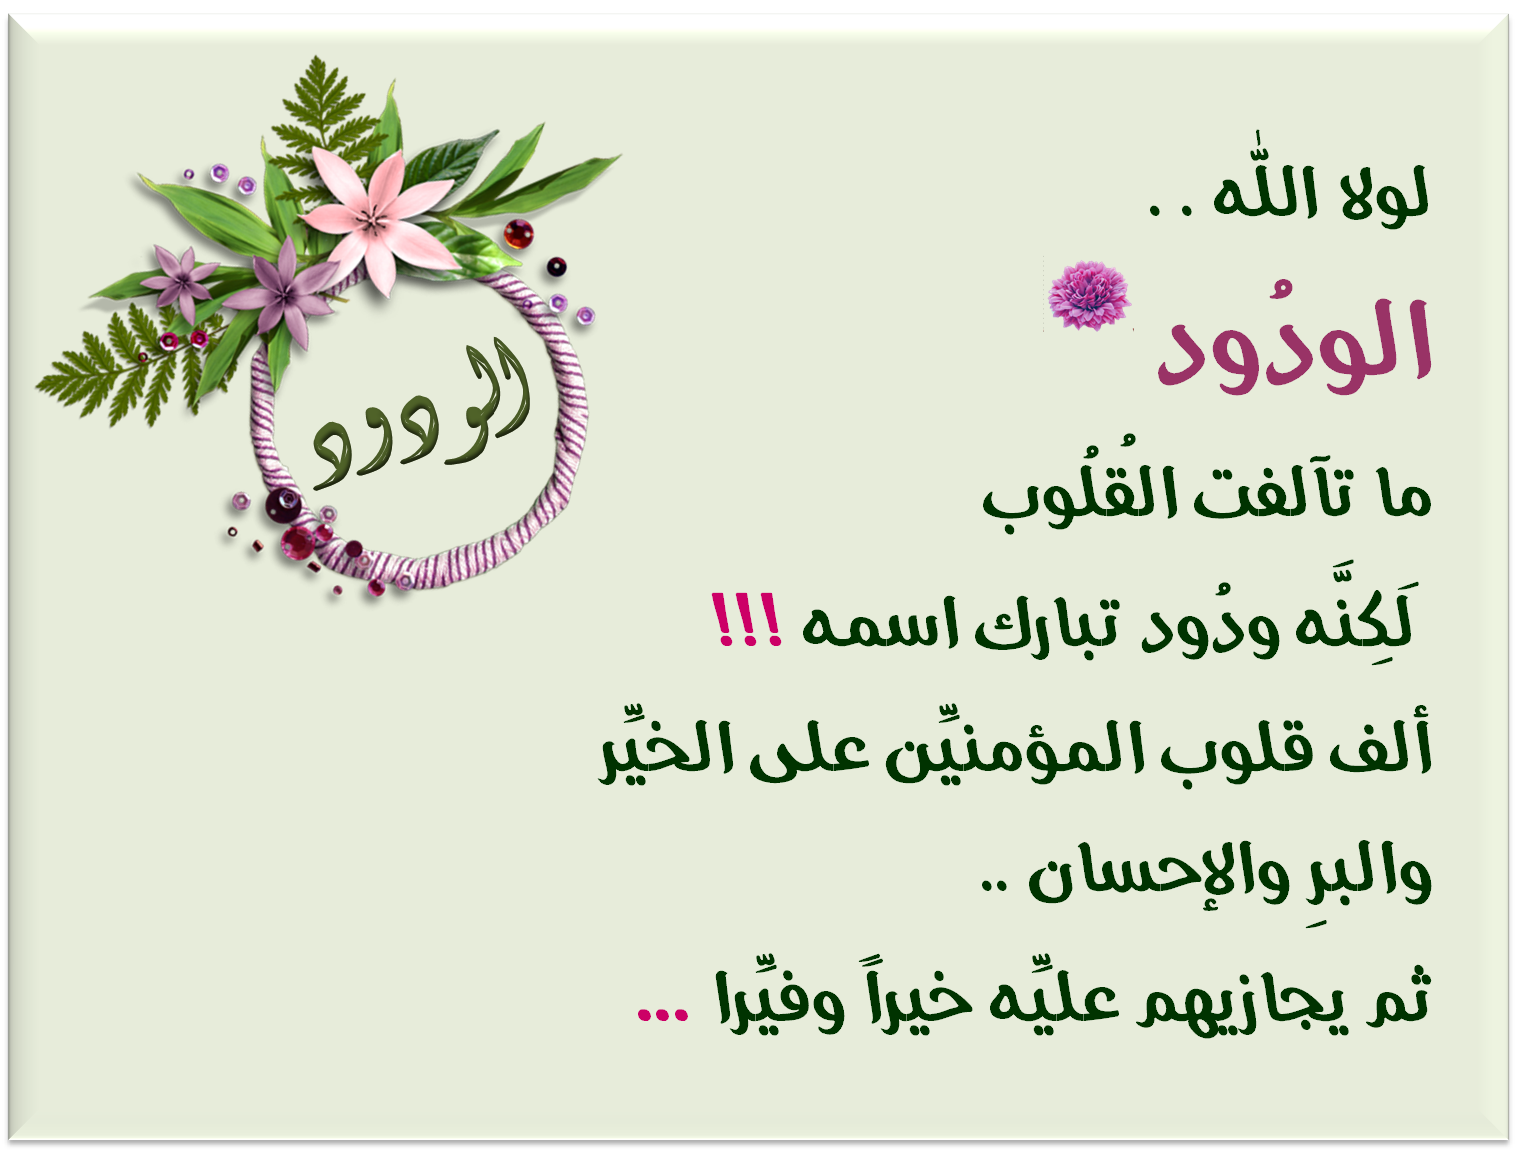 صور اسماء الله الحسني و معانيها مكتوبة علي رمزيات سوبر كايرو Allah Dwi Photo